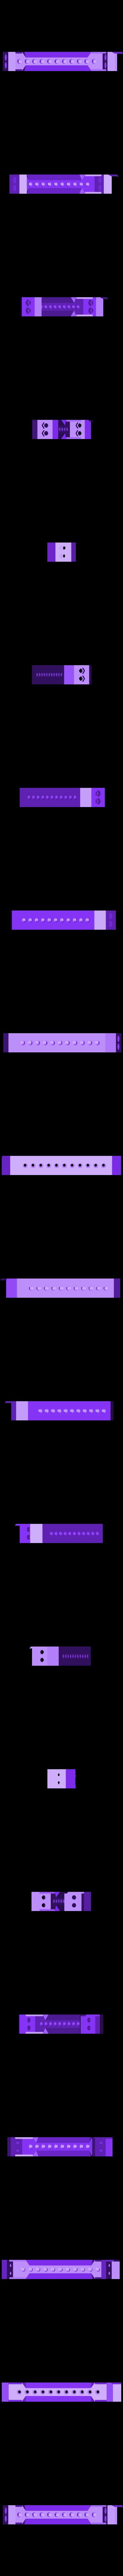 Ep_Barre_Droite.stl Download STL file Shoulder pad for DSLR type GH4, 5D • 3D print design, Smile